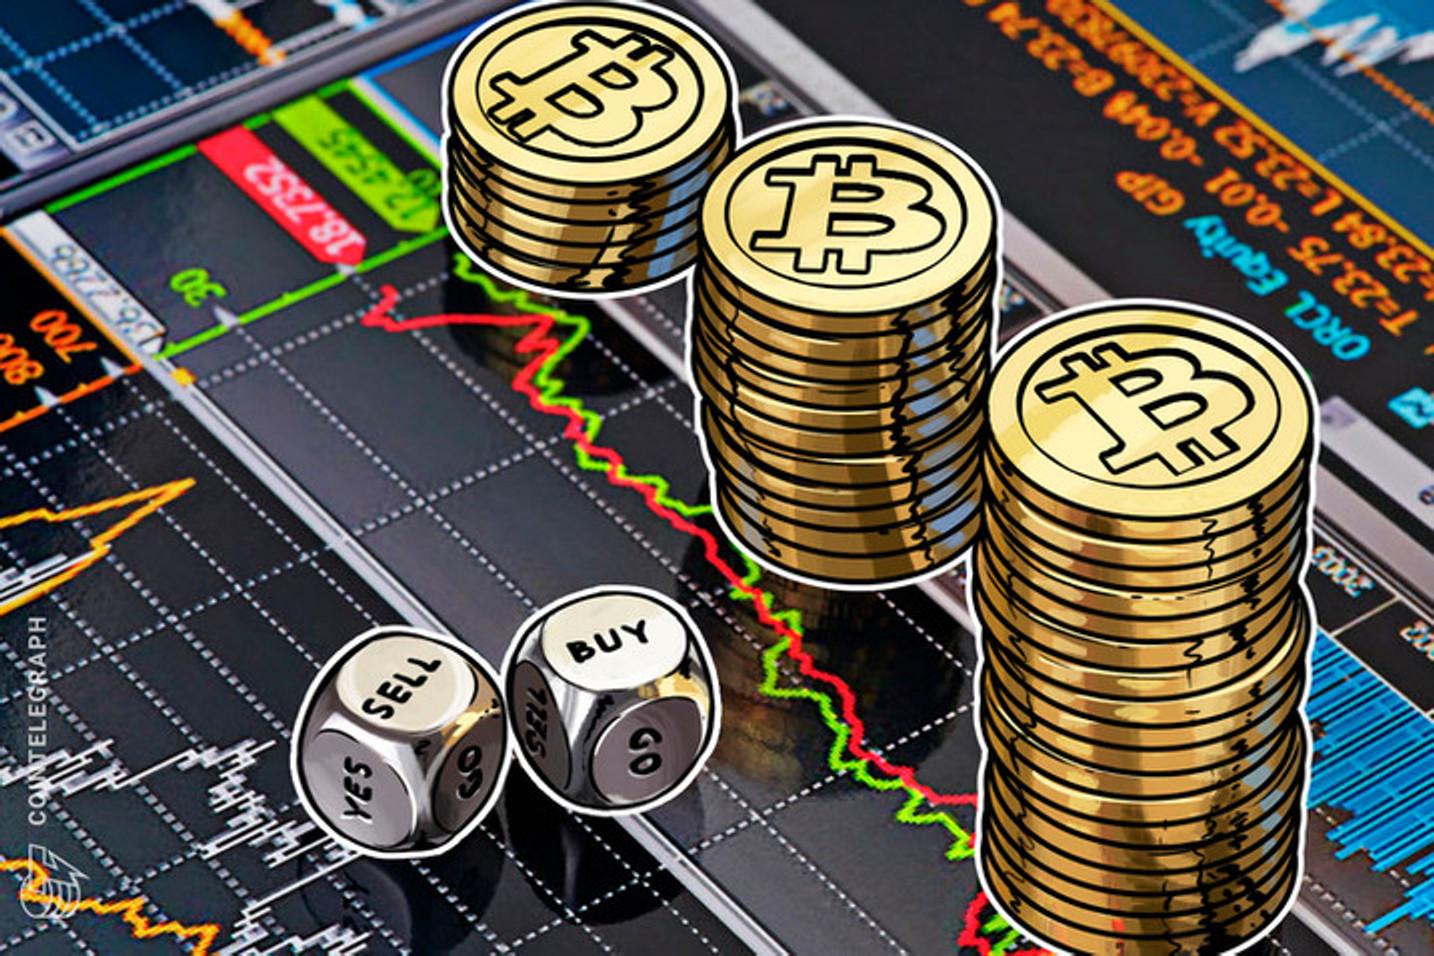 Bitcoin ha seguido los movimientos del mercado de valores en los últimos 10 años, revela analista